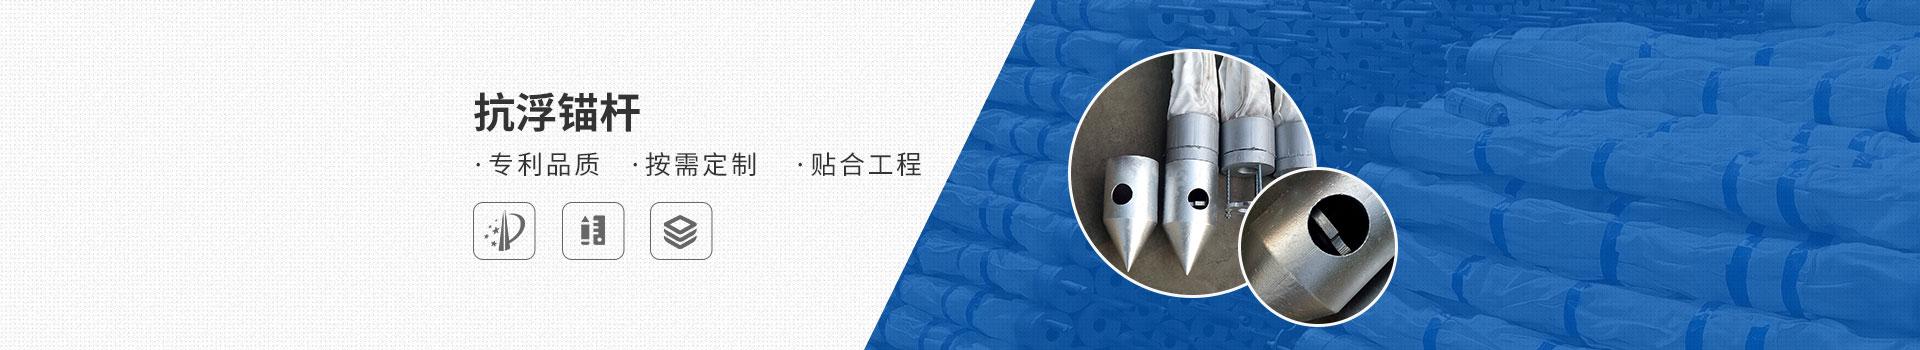 抗浮锚杆-专利品质,按需定制,贴合工程